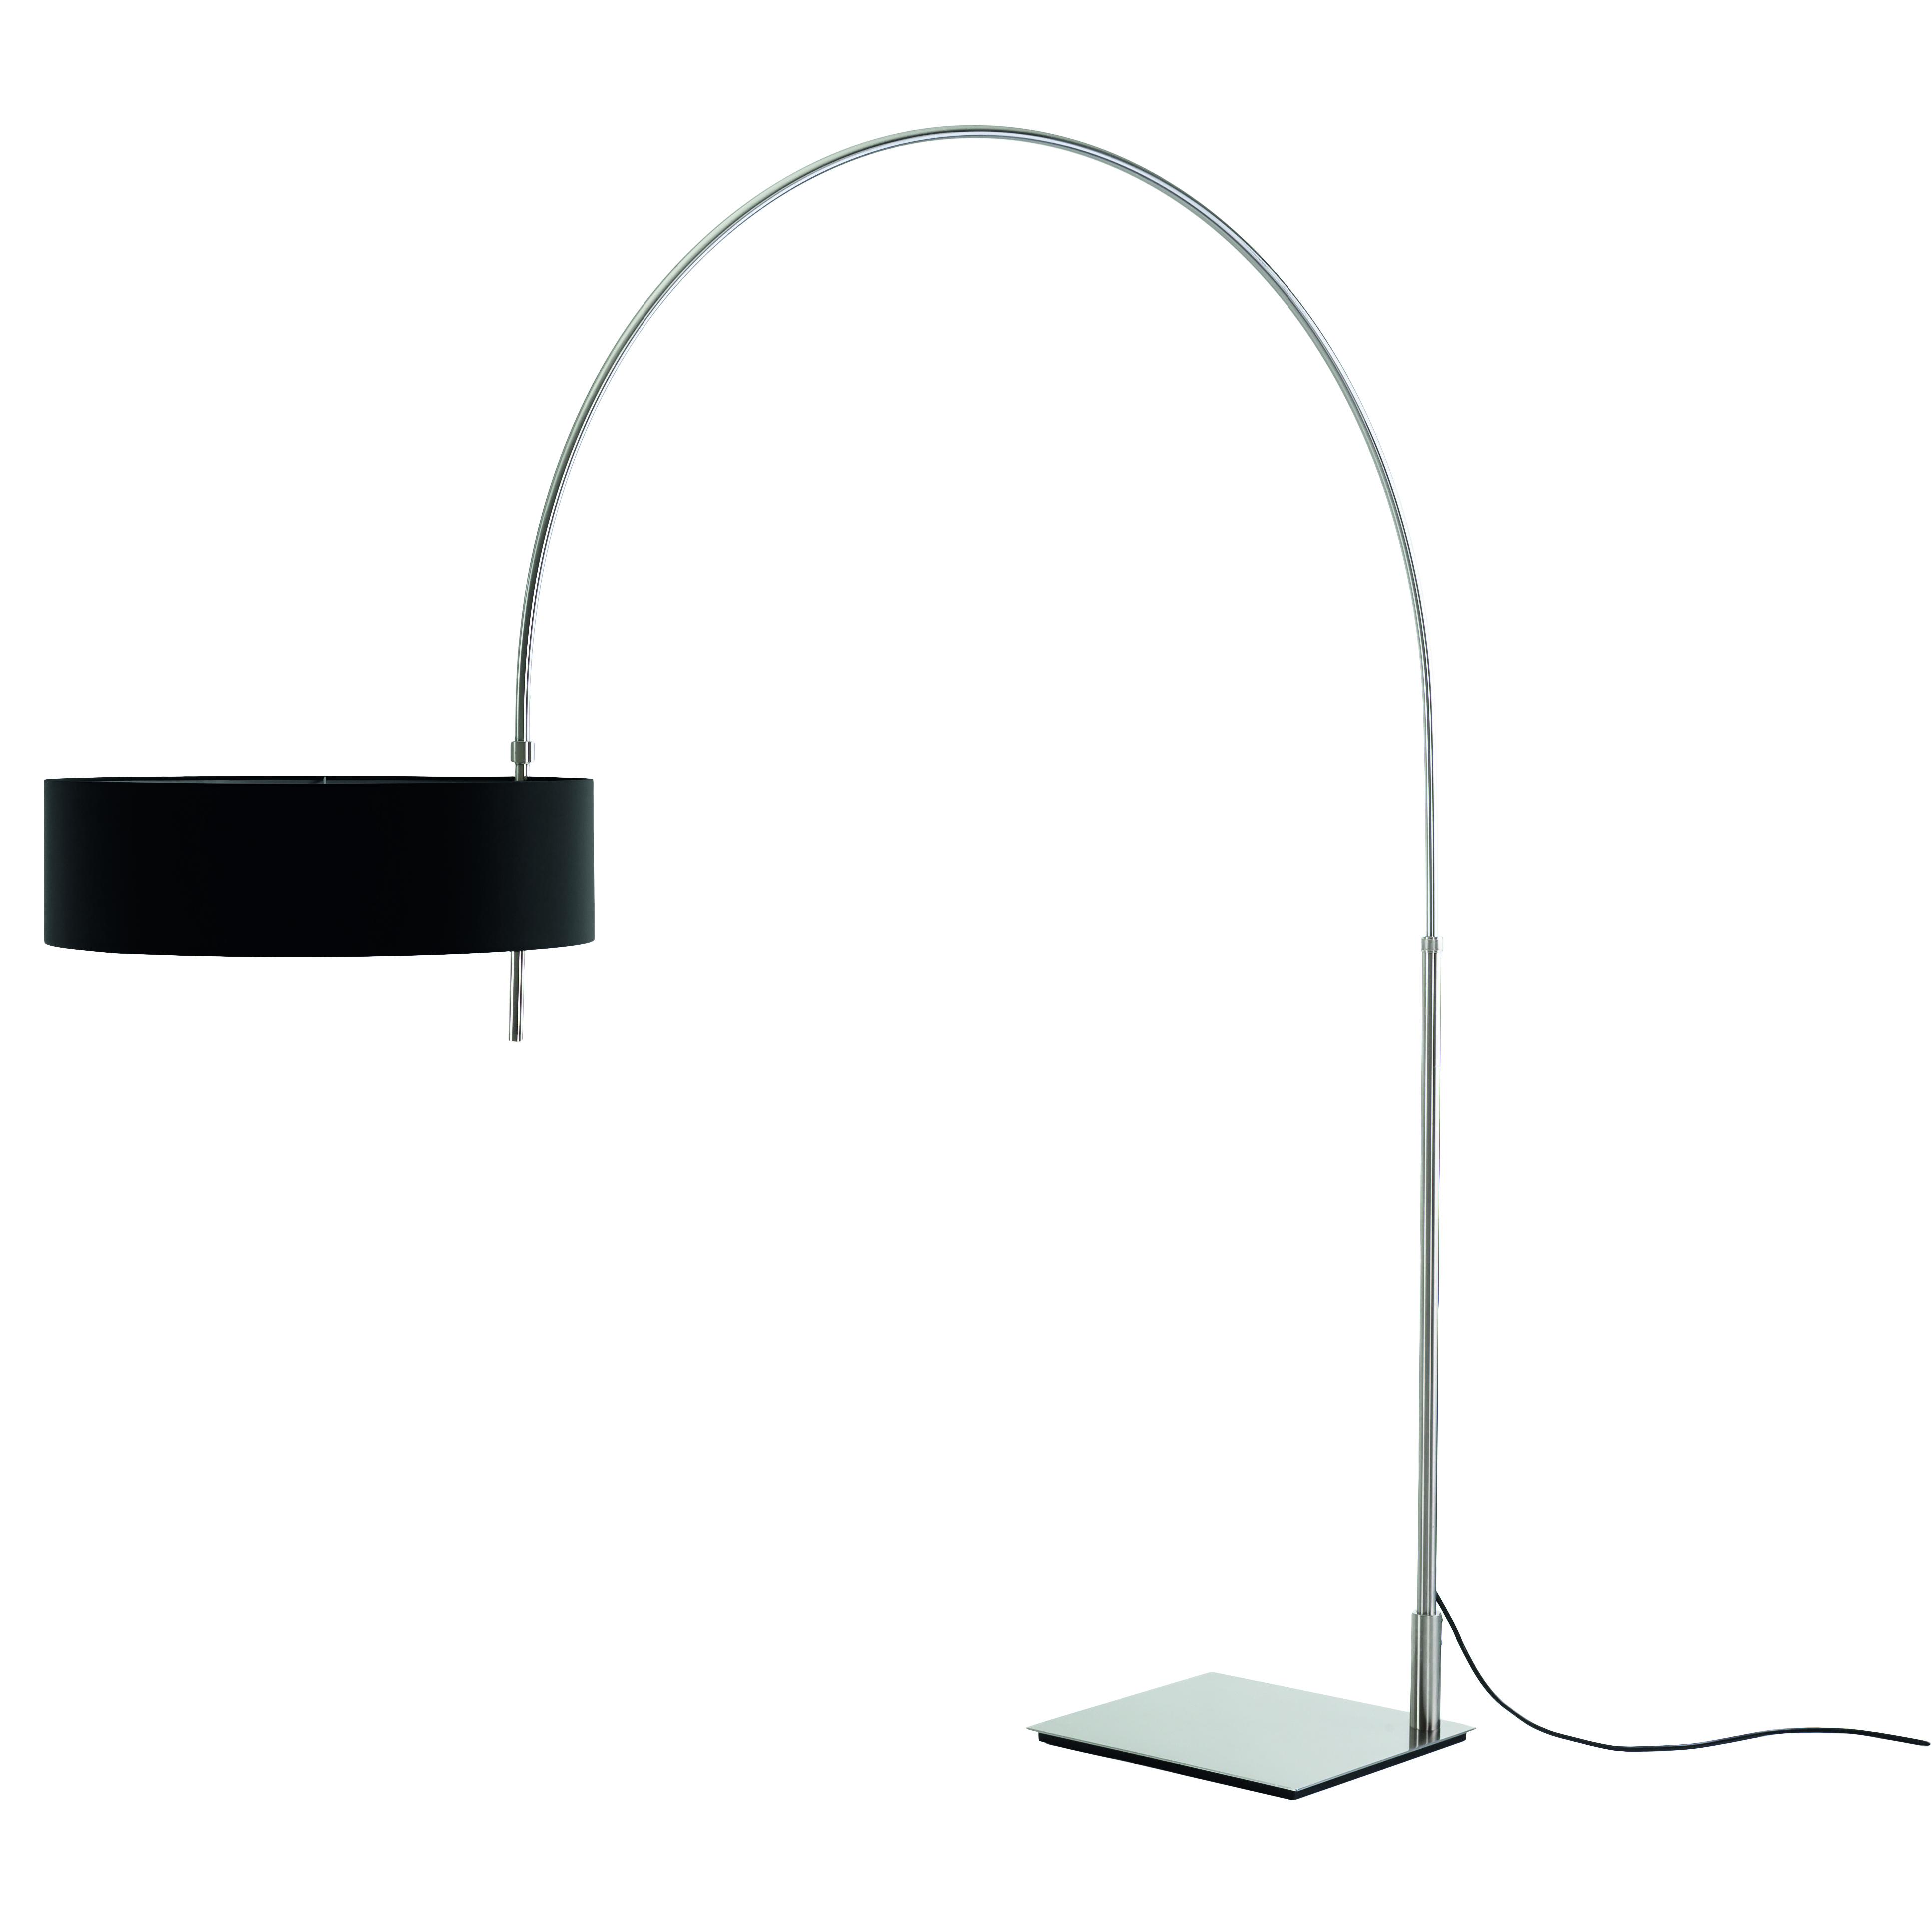 Lampen von BW Bielefelder Werkstätten und ipdesign - bei Maler Buban – ARCUS